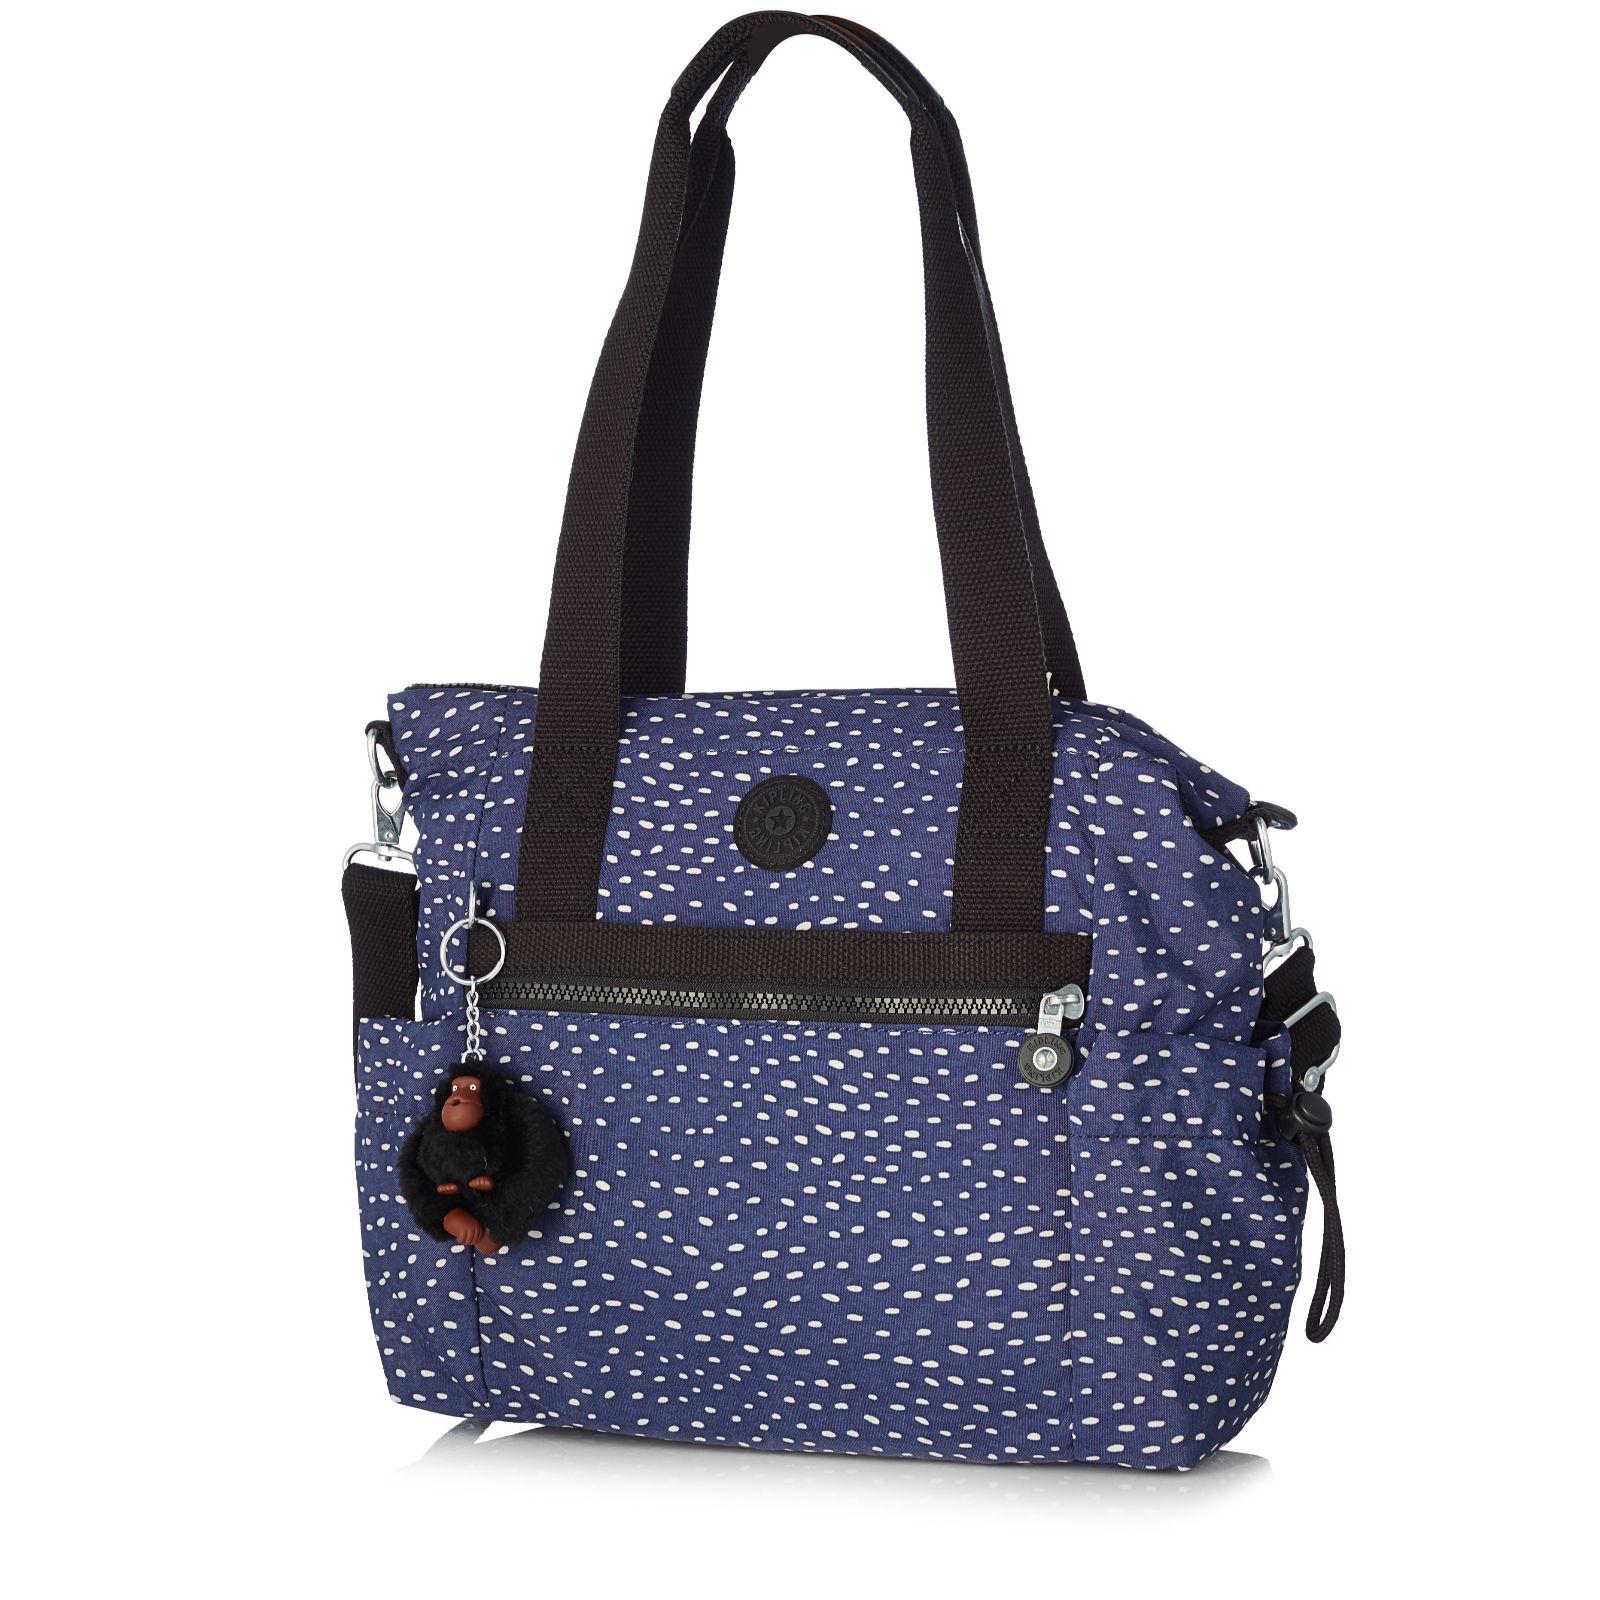 c7e95efea7b Kipling Elzzar Large Shoulder Bag - QVC UK